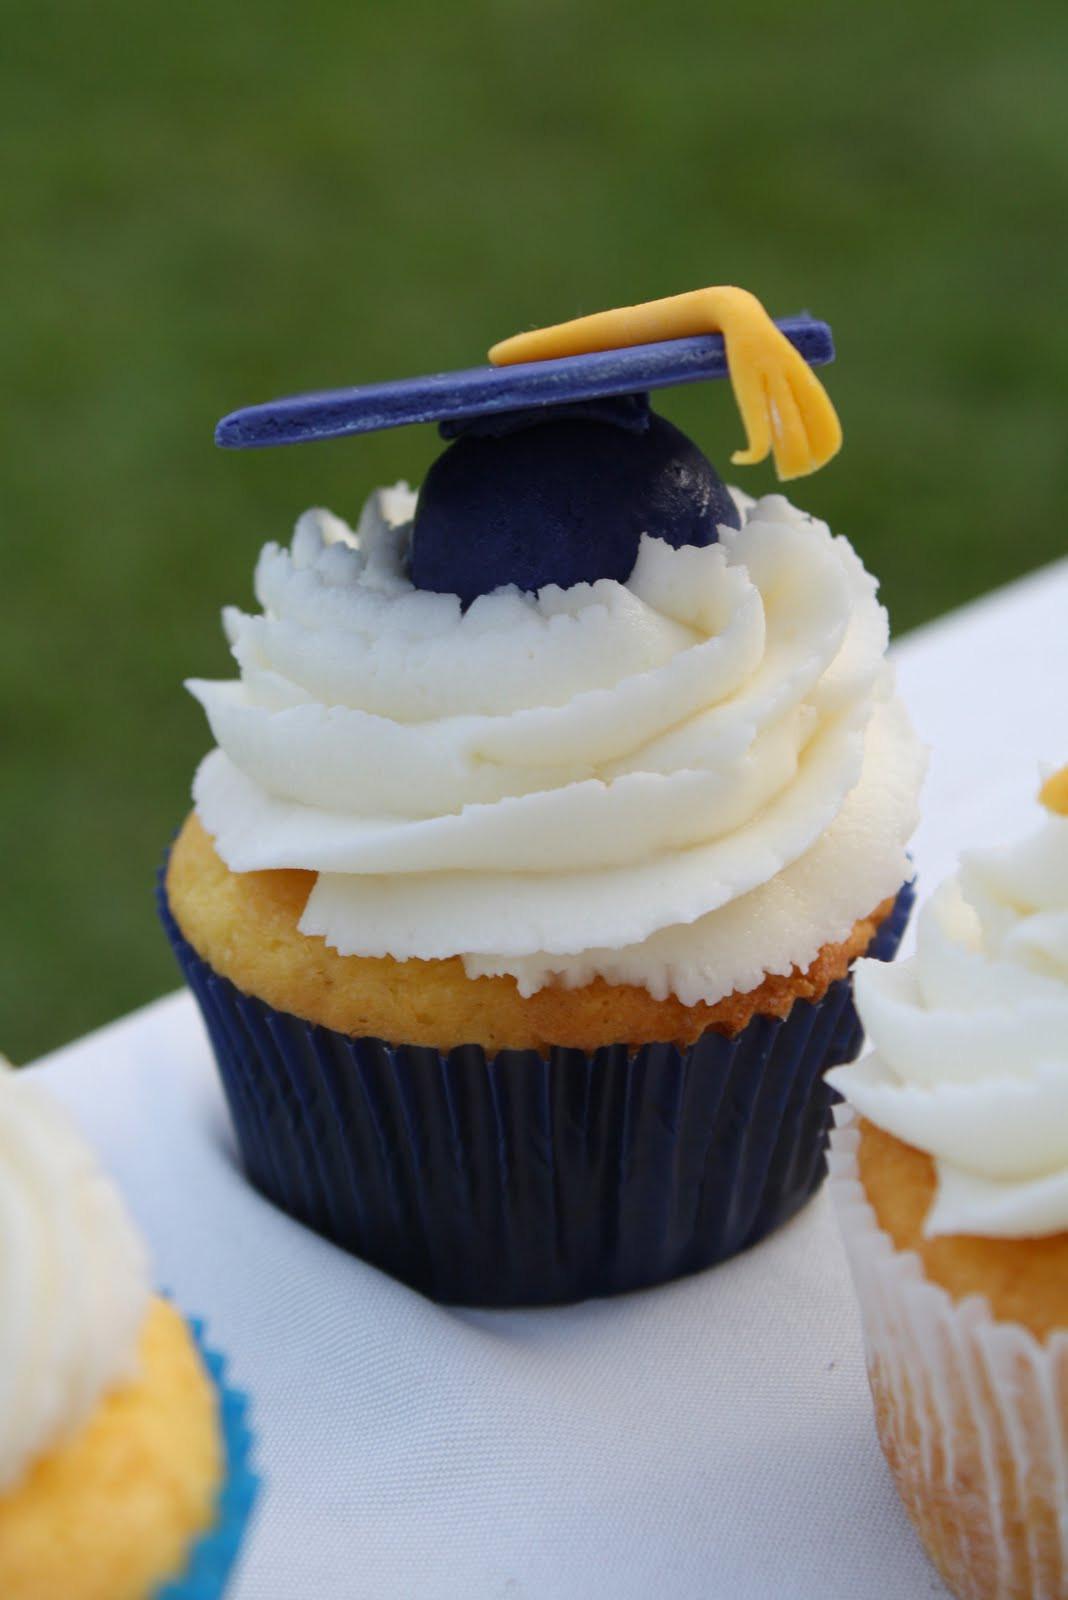 Graduation Cap Cupcakes  Graduation Cap Cake and Cupcakes Rose Bakes